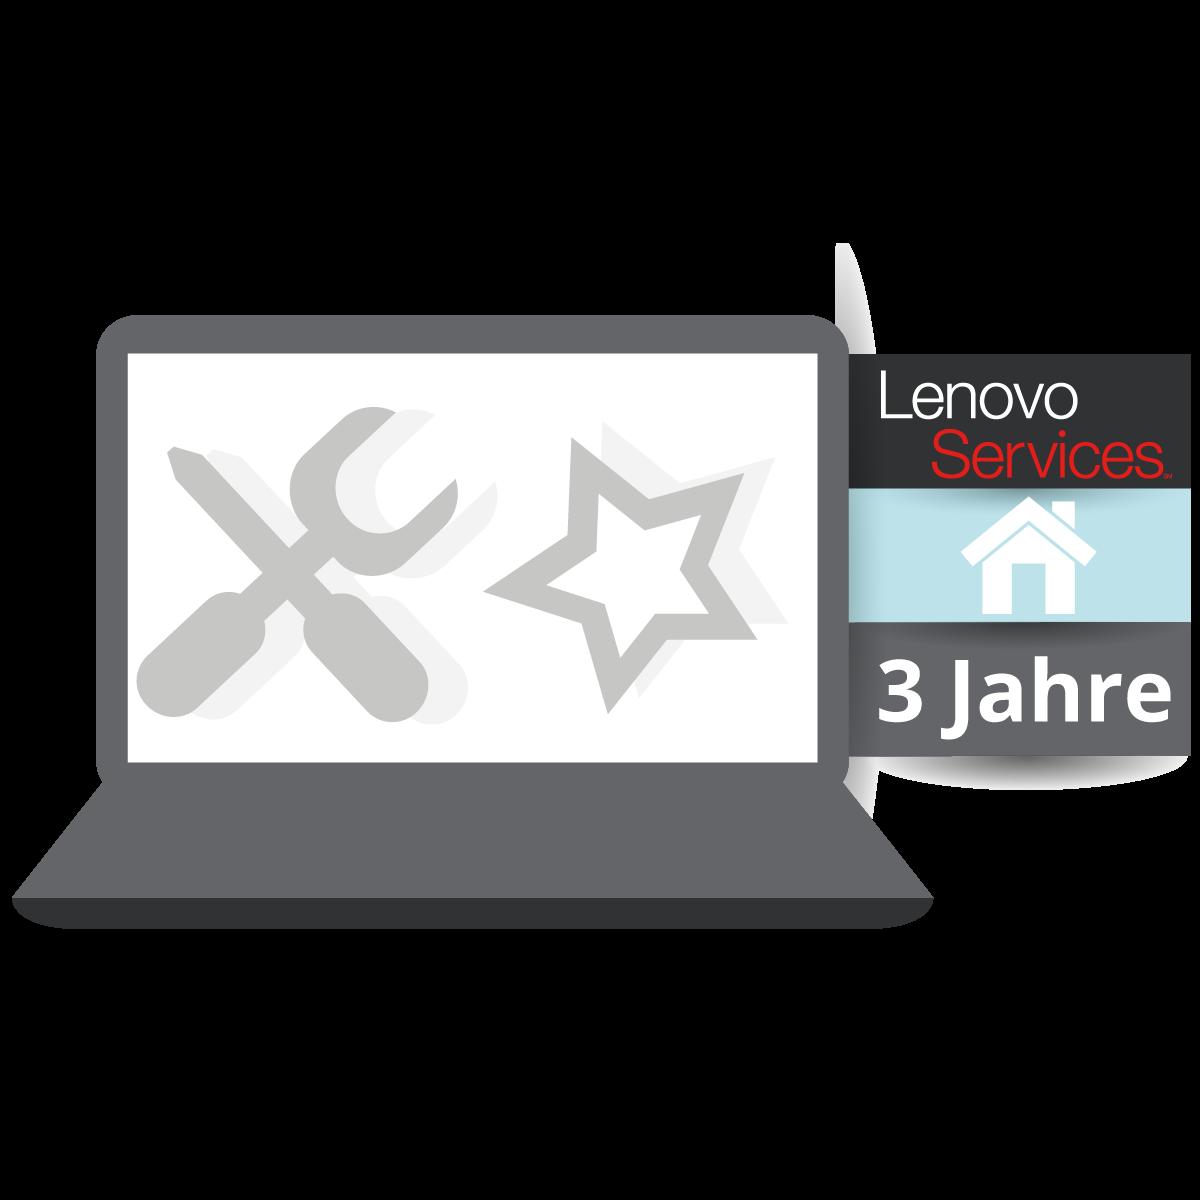 (EOL) Lenovo™ Garantie Upgrade - 4 Jahre Vor-Ort Garantie (NBD) - Basisgarantie 3 Jahre Bring-In